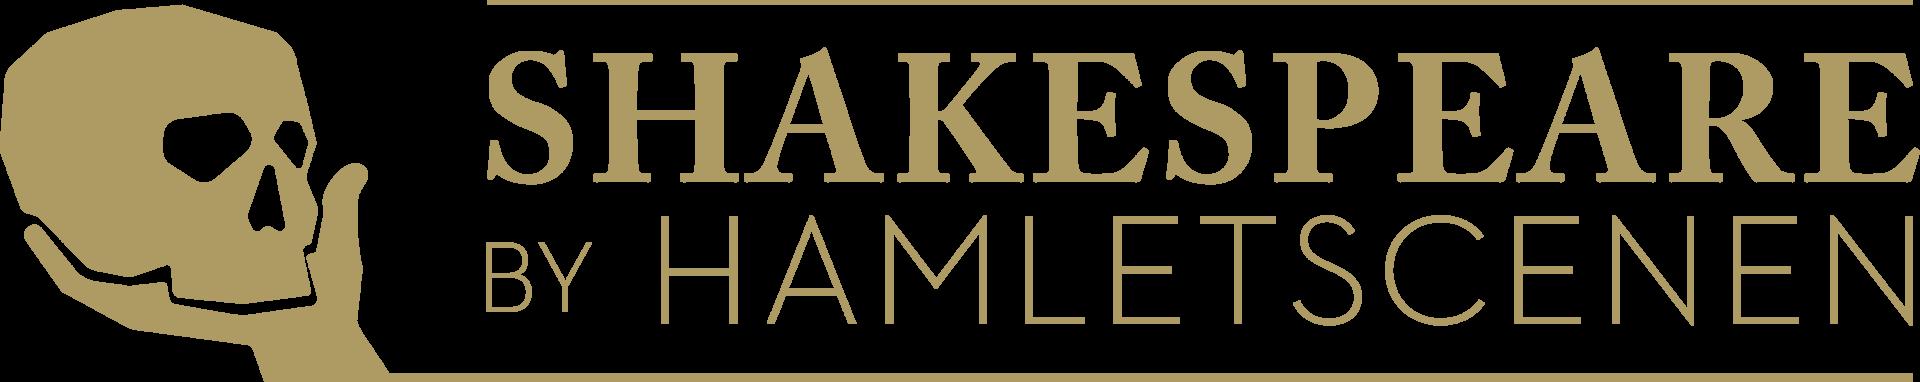 HS-Logo-Hamletscenen-Branding-GULD